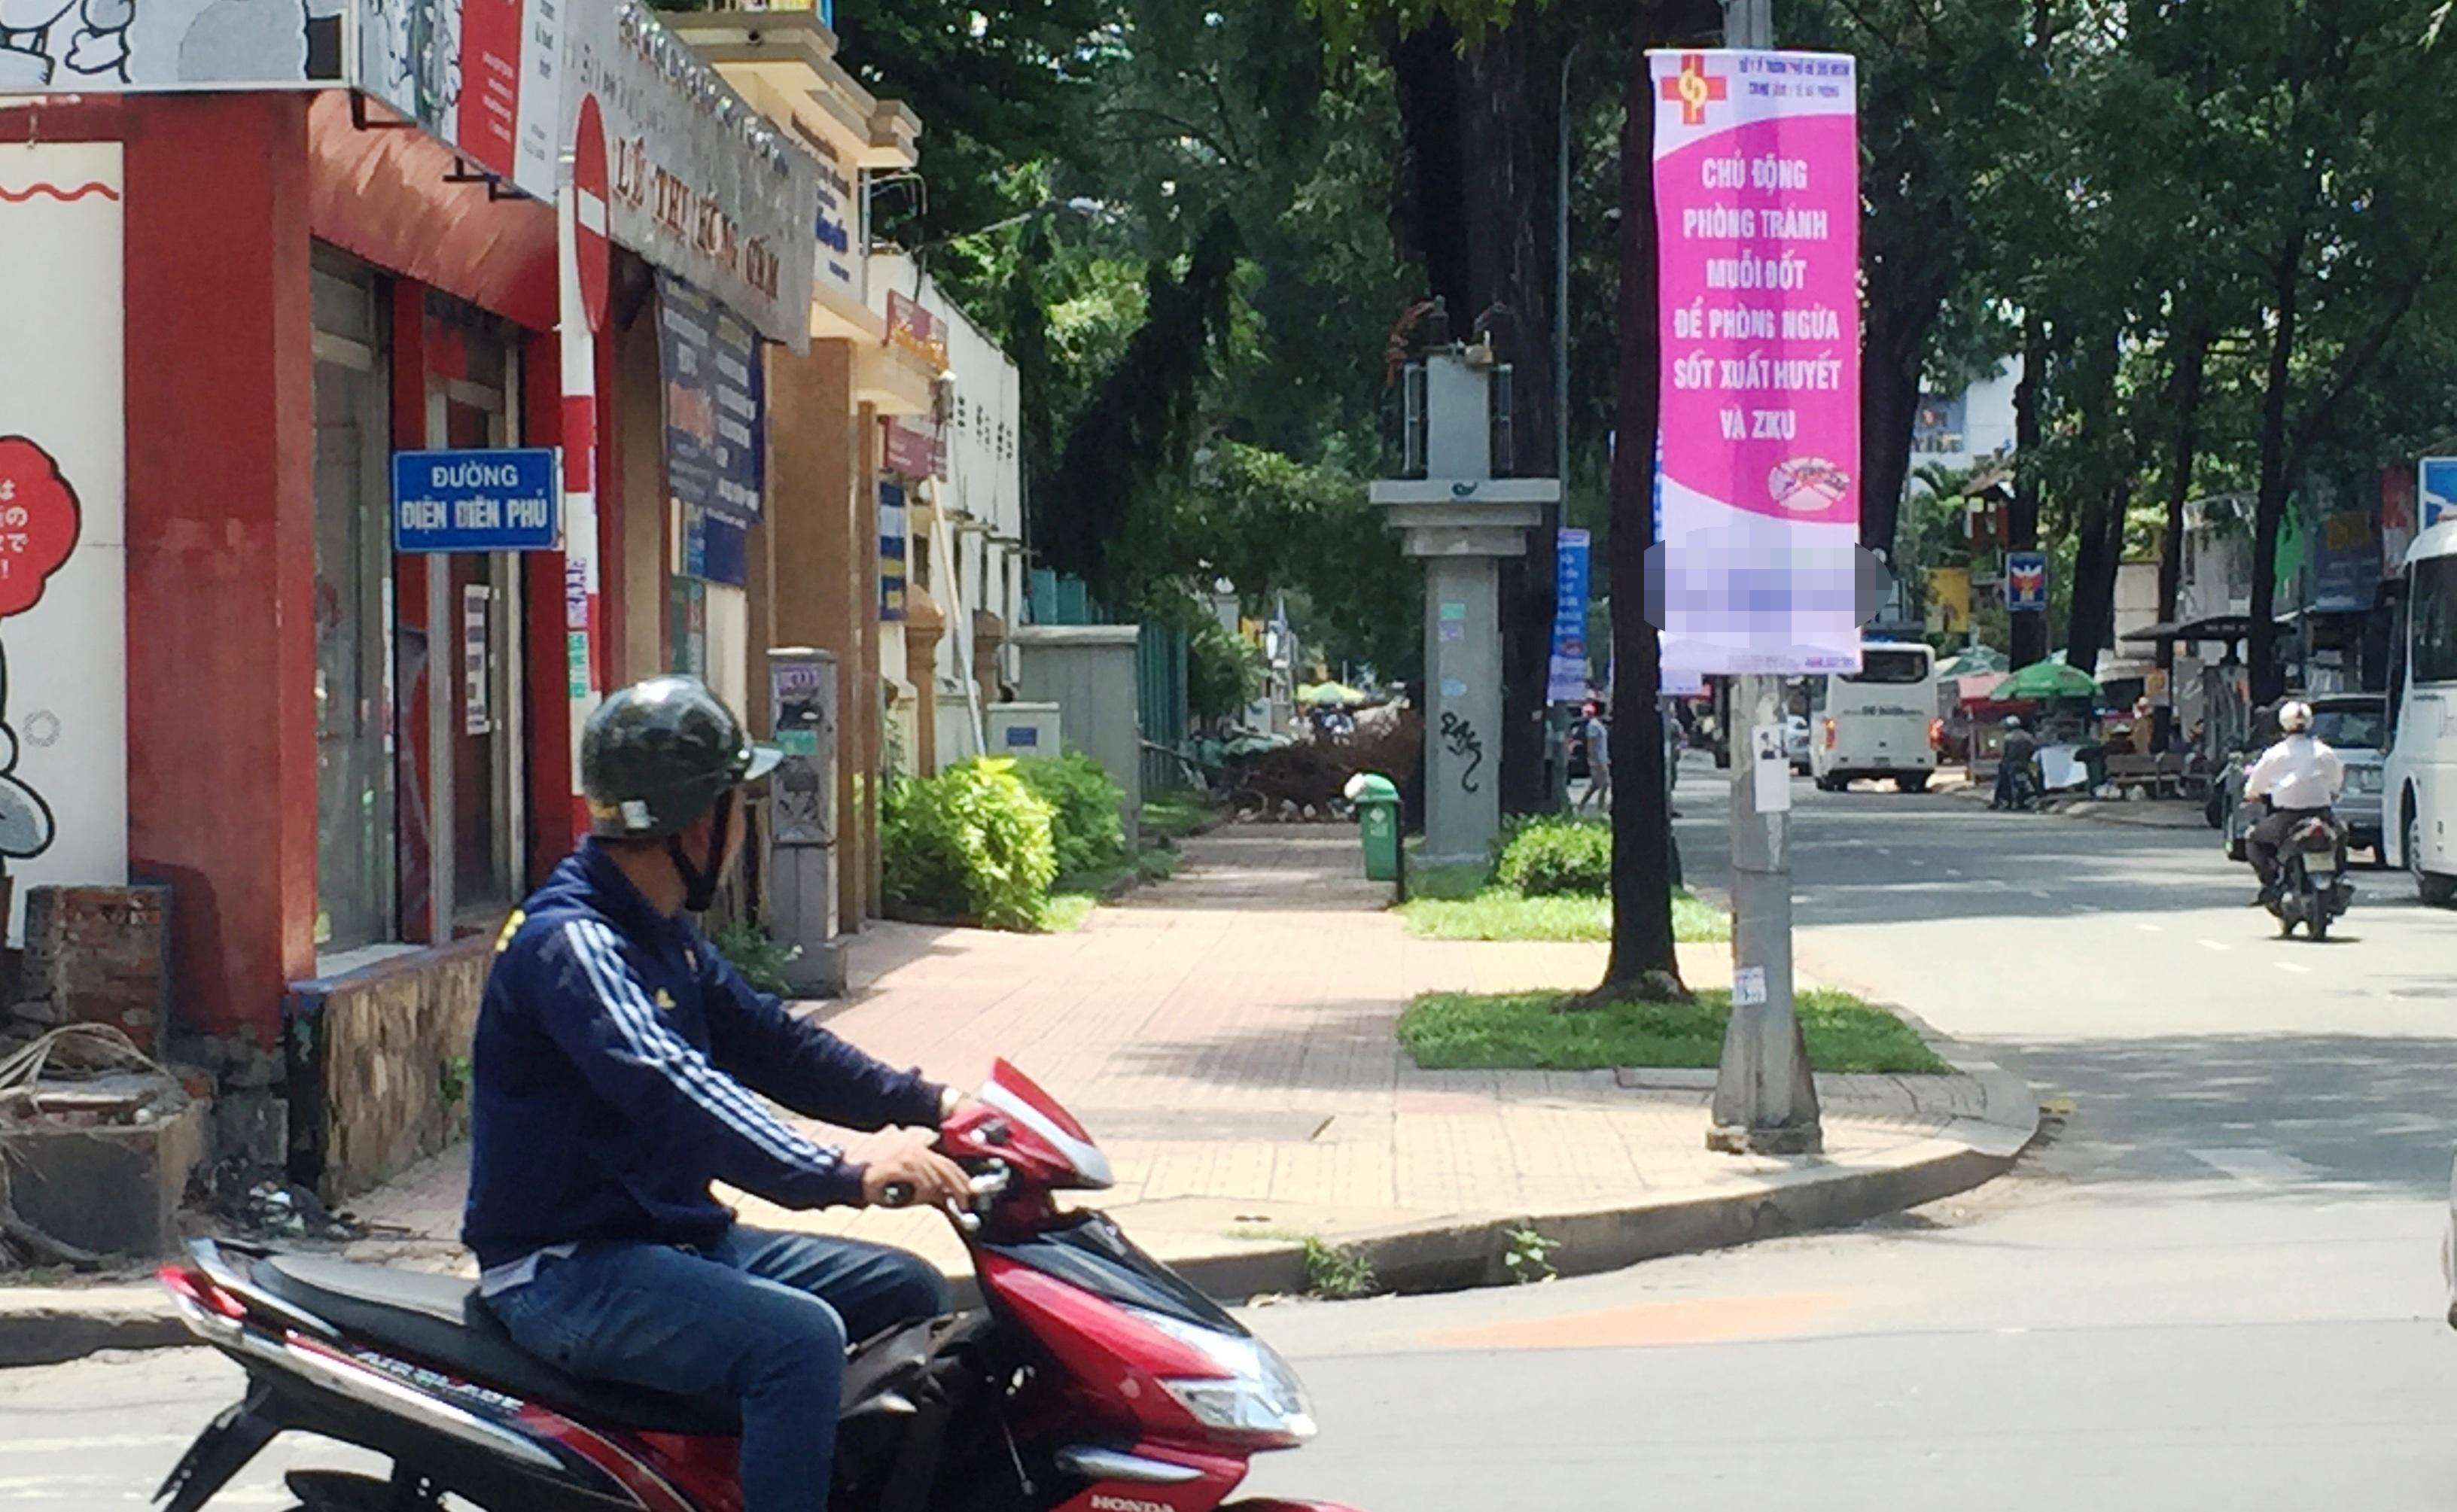 Người dân qua lại trên nhiều tuyến đường trung tâm TPHCM khá bất ngờ khi nhìn thấy hàng loạt băng rôn tuyến truyền của ngành Y tế TPHCM có thông tin về bệnh Ziku